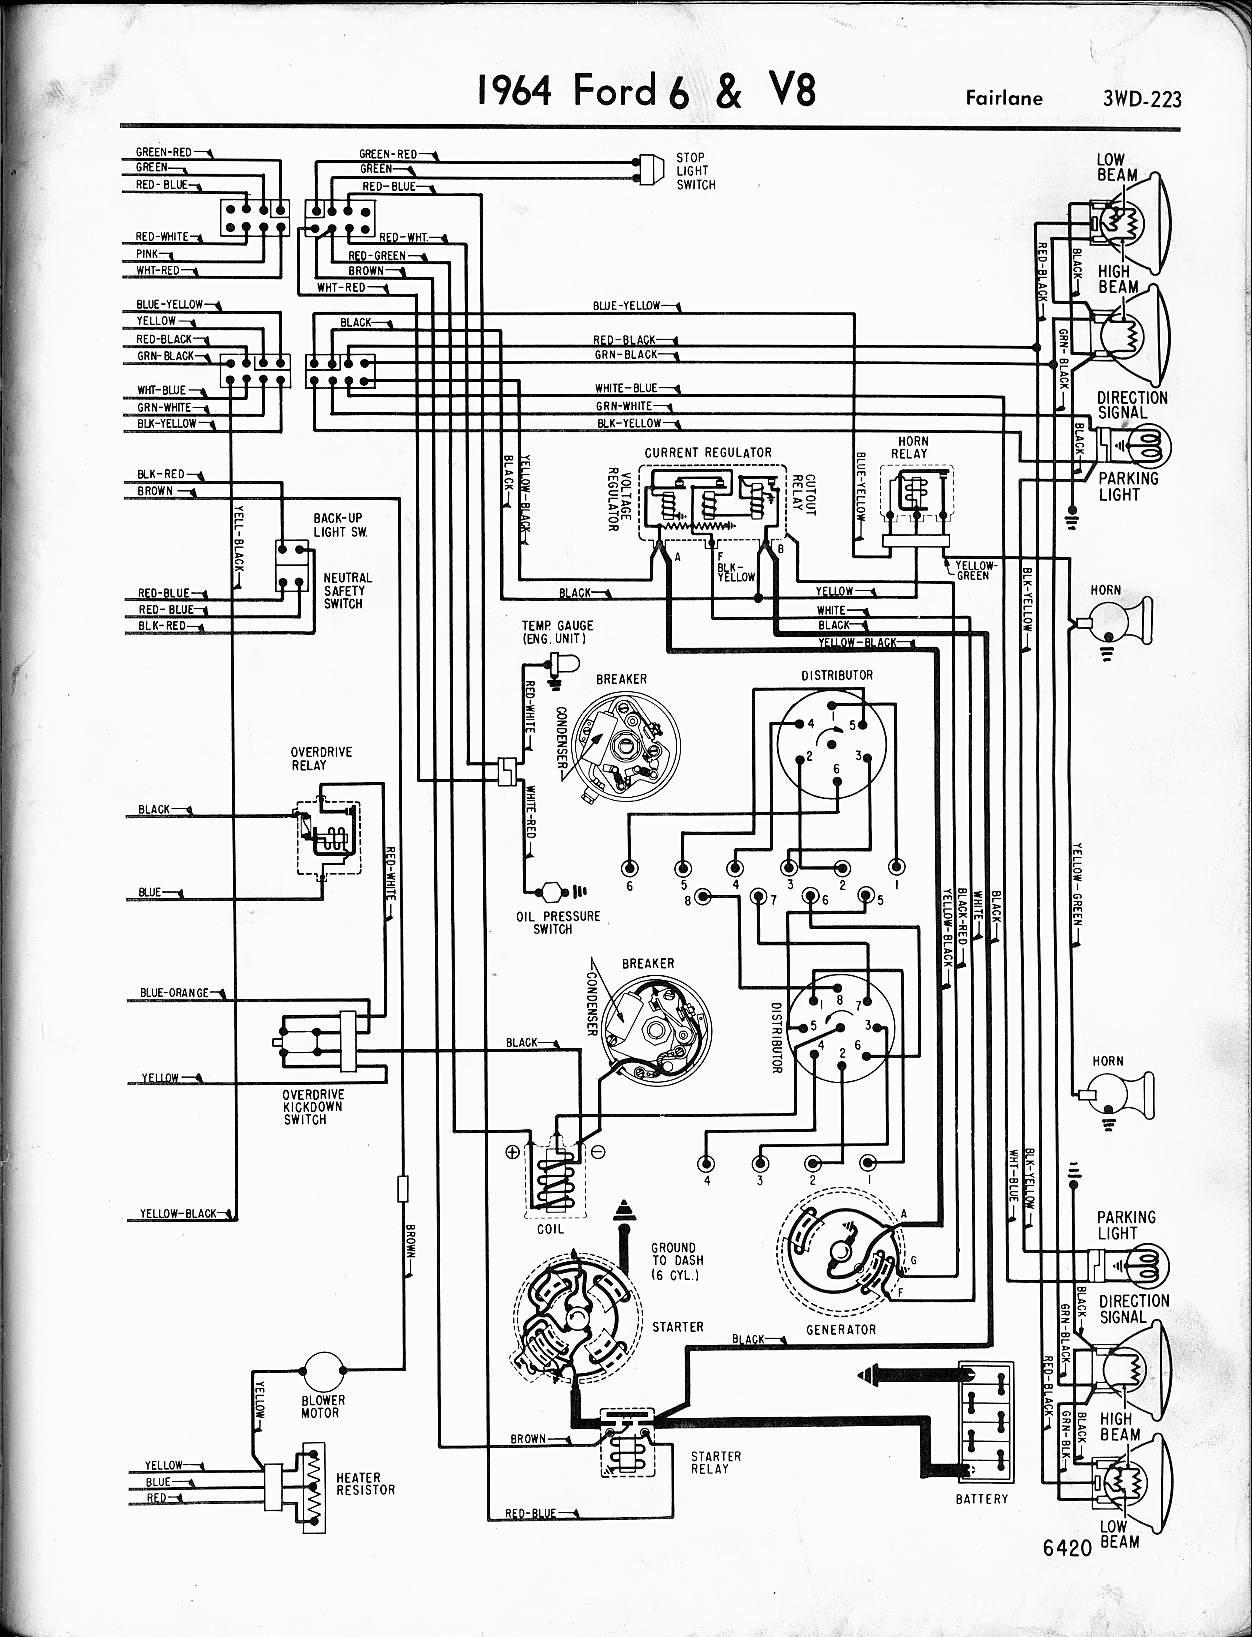 1969 ford f100 wiring diagram detailed schematics diagram rh drrobertryandundee com 66 Ford F100 Wiring Diagram 1969 Ford F100 Wiring Diagram